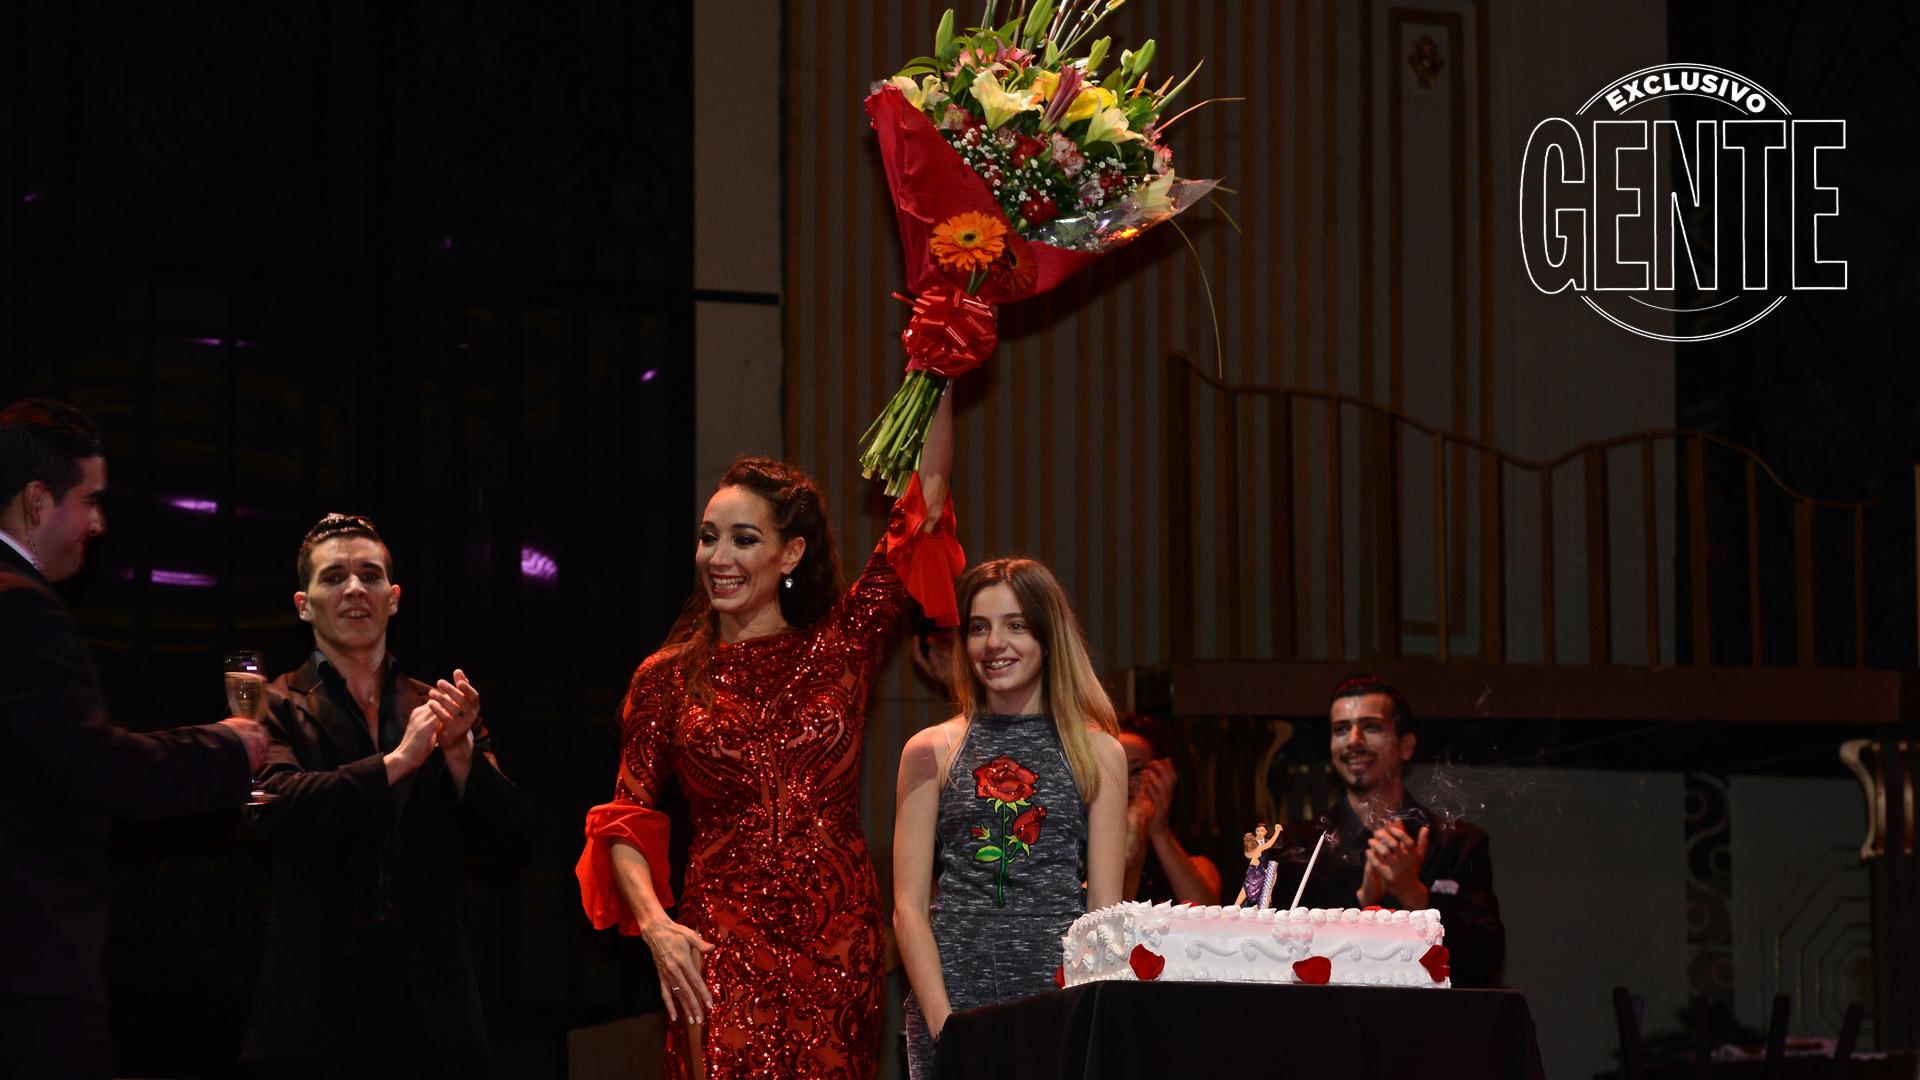 El inicio del festejo de cumpleaños de Mora Godoy, al final de la función con torta, ramo de flores y su hija Blanca.